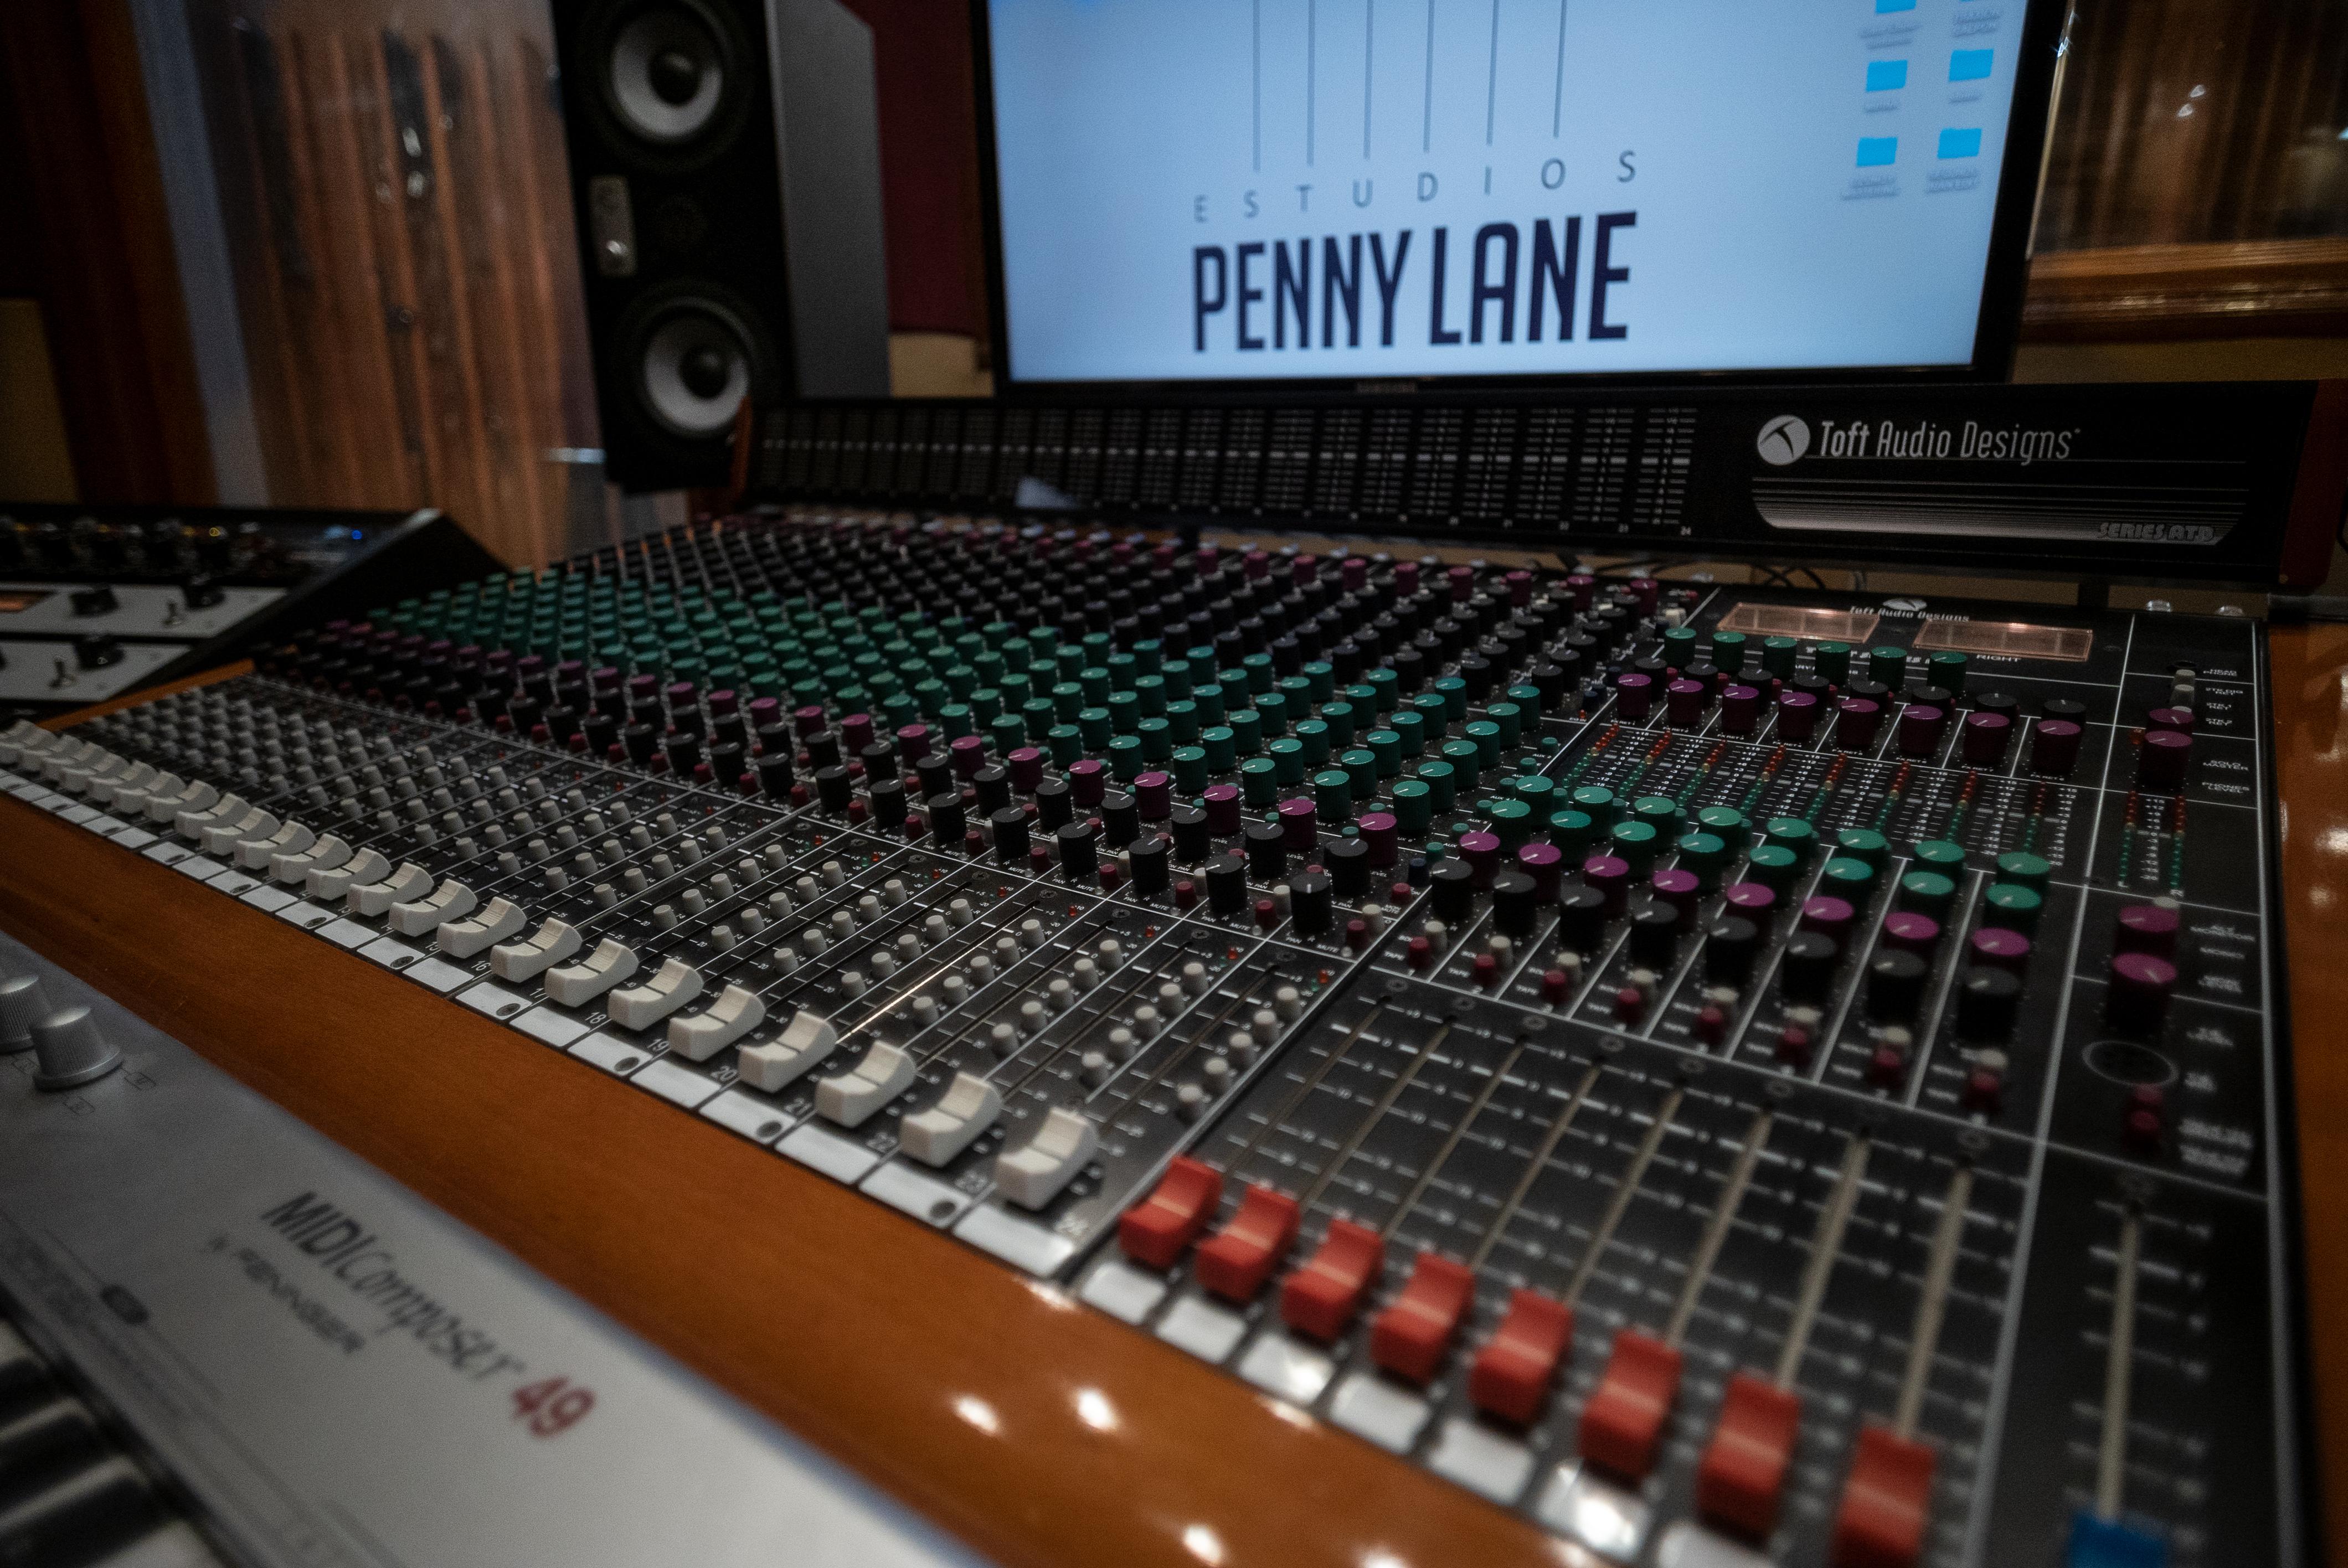 Estudios Penny Lane